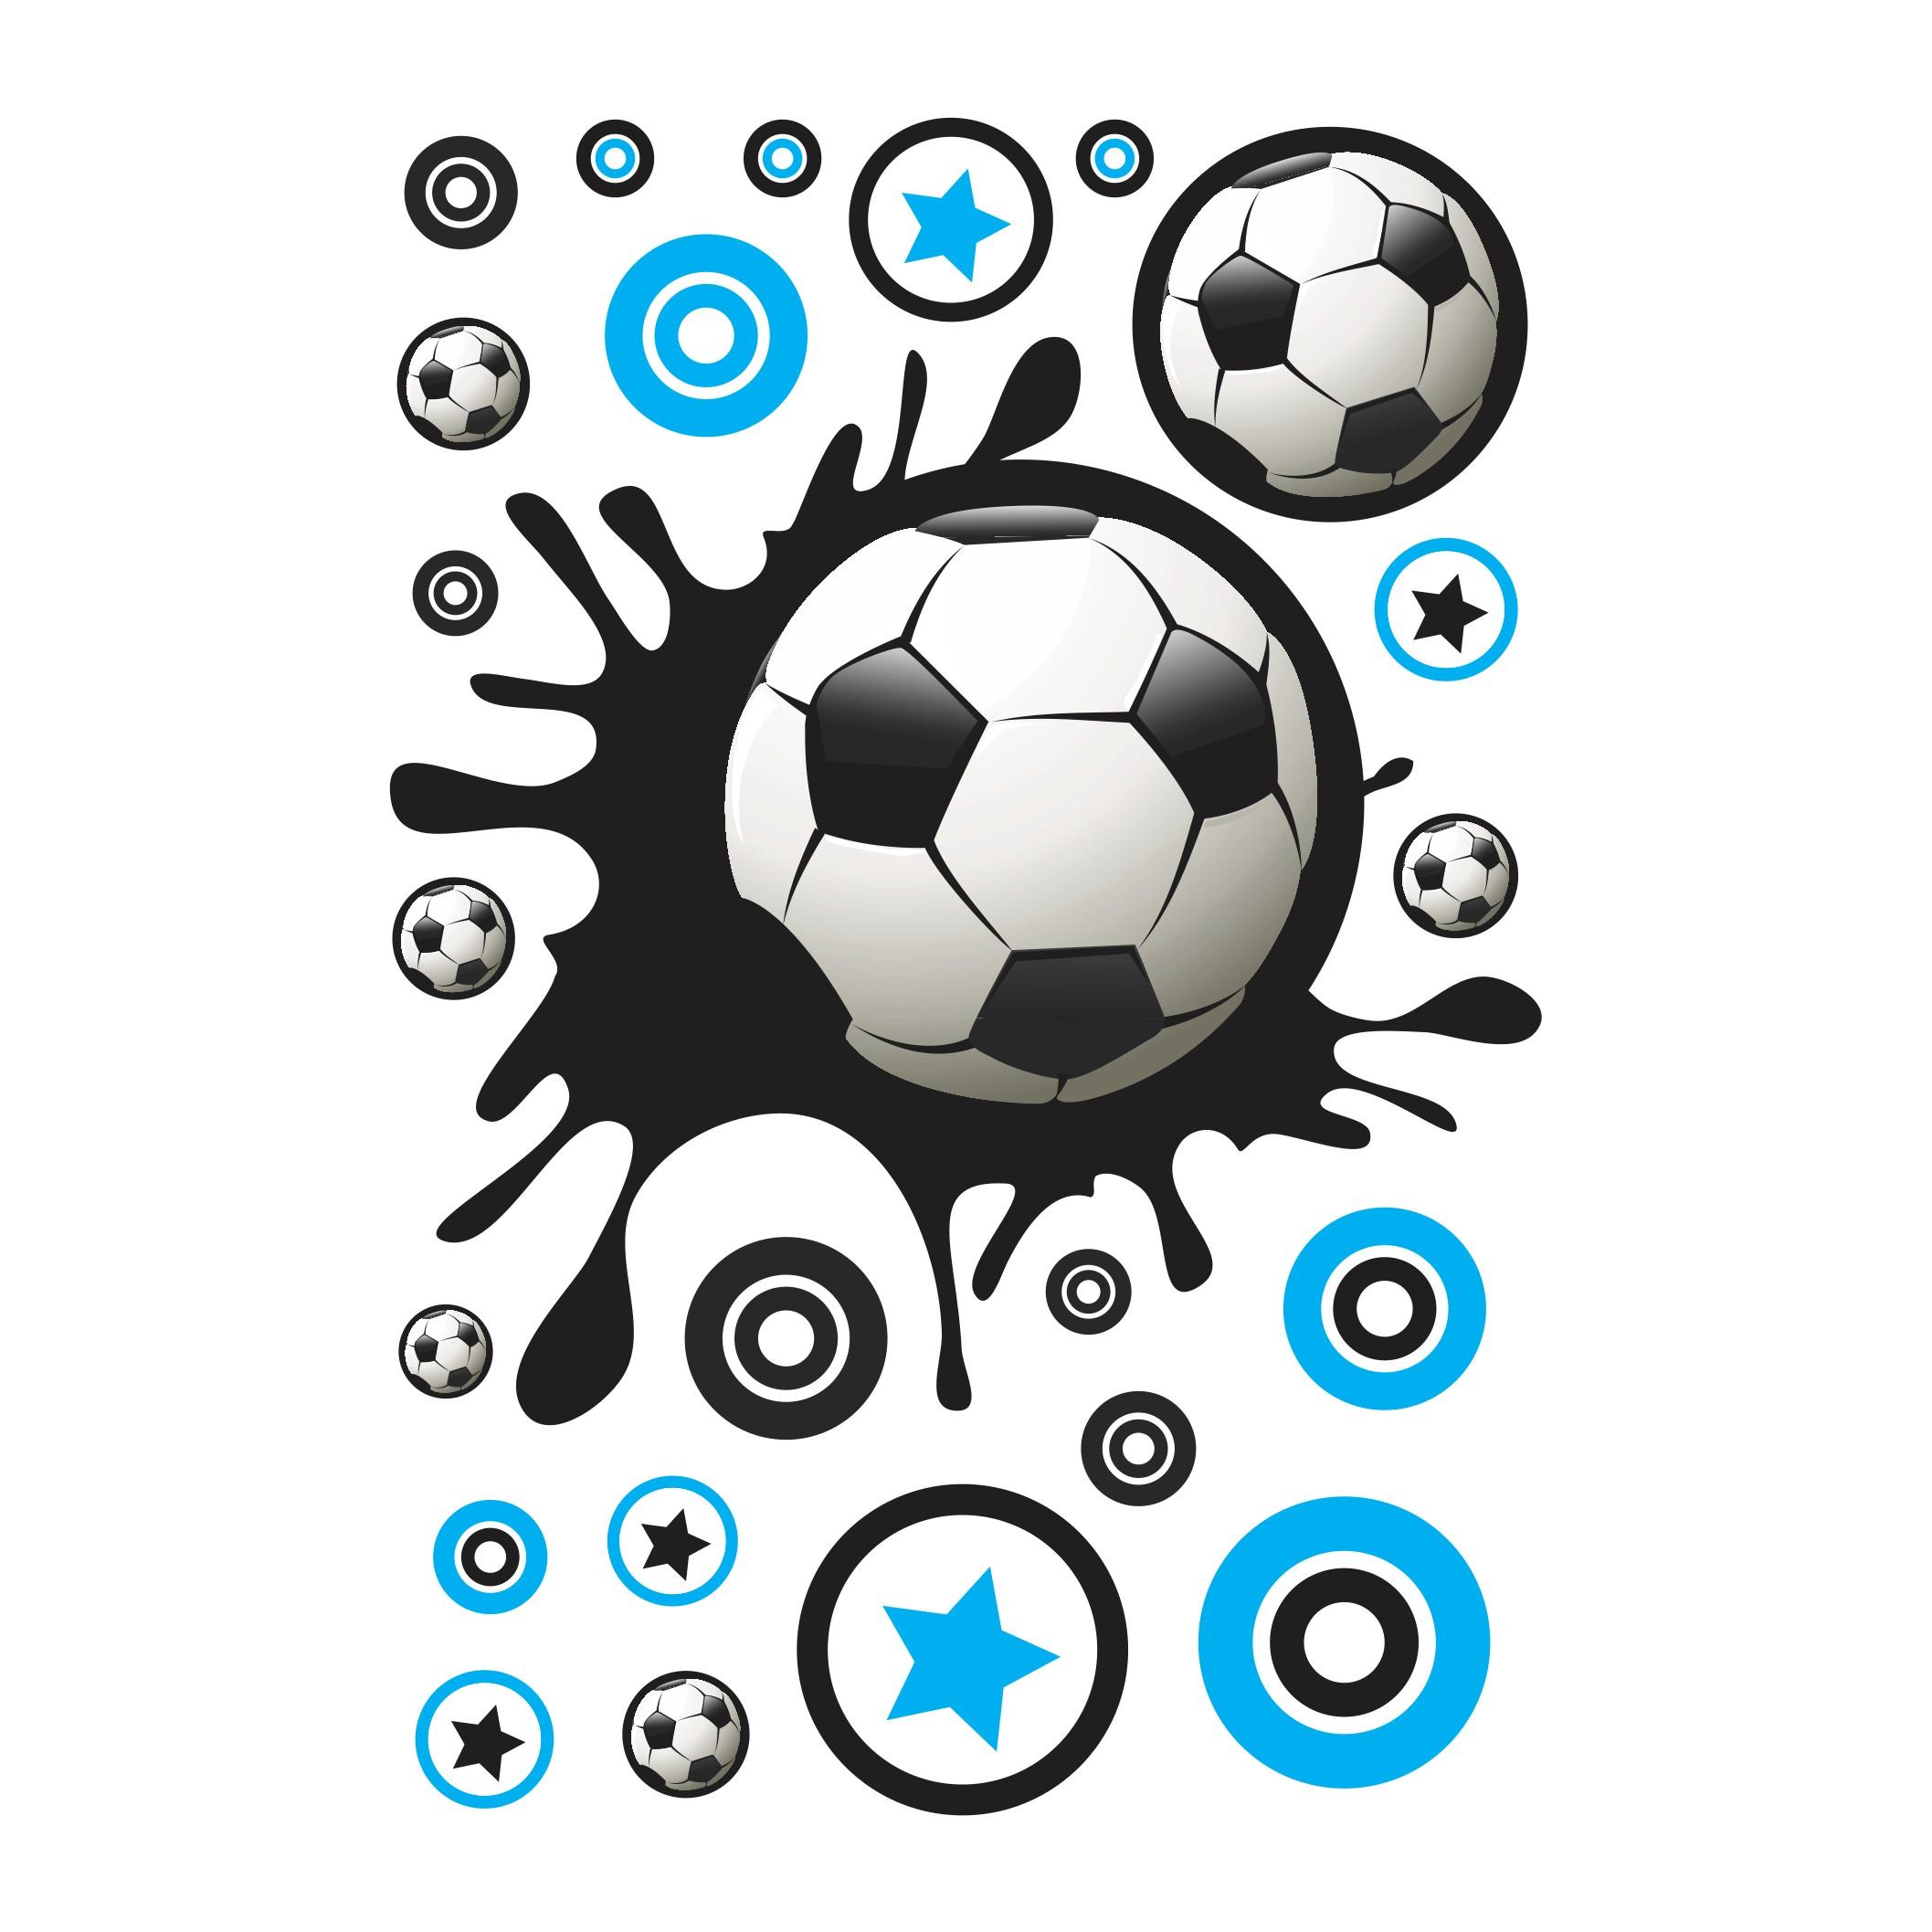 Disenos De Pelotas Futbol Wwwimagenesmycom